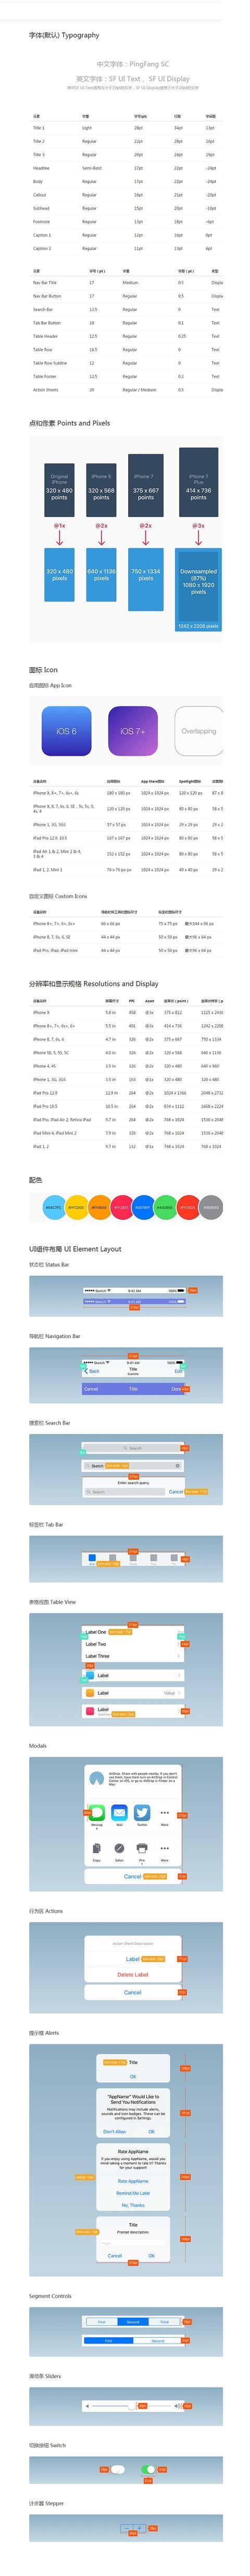 网页的尺寸,最全设计尺寸规范+屏幕尺寸 UI设计师必备